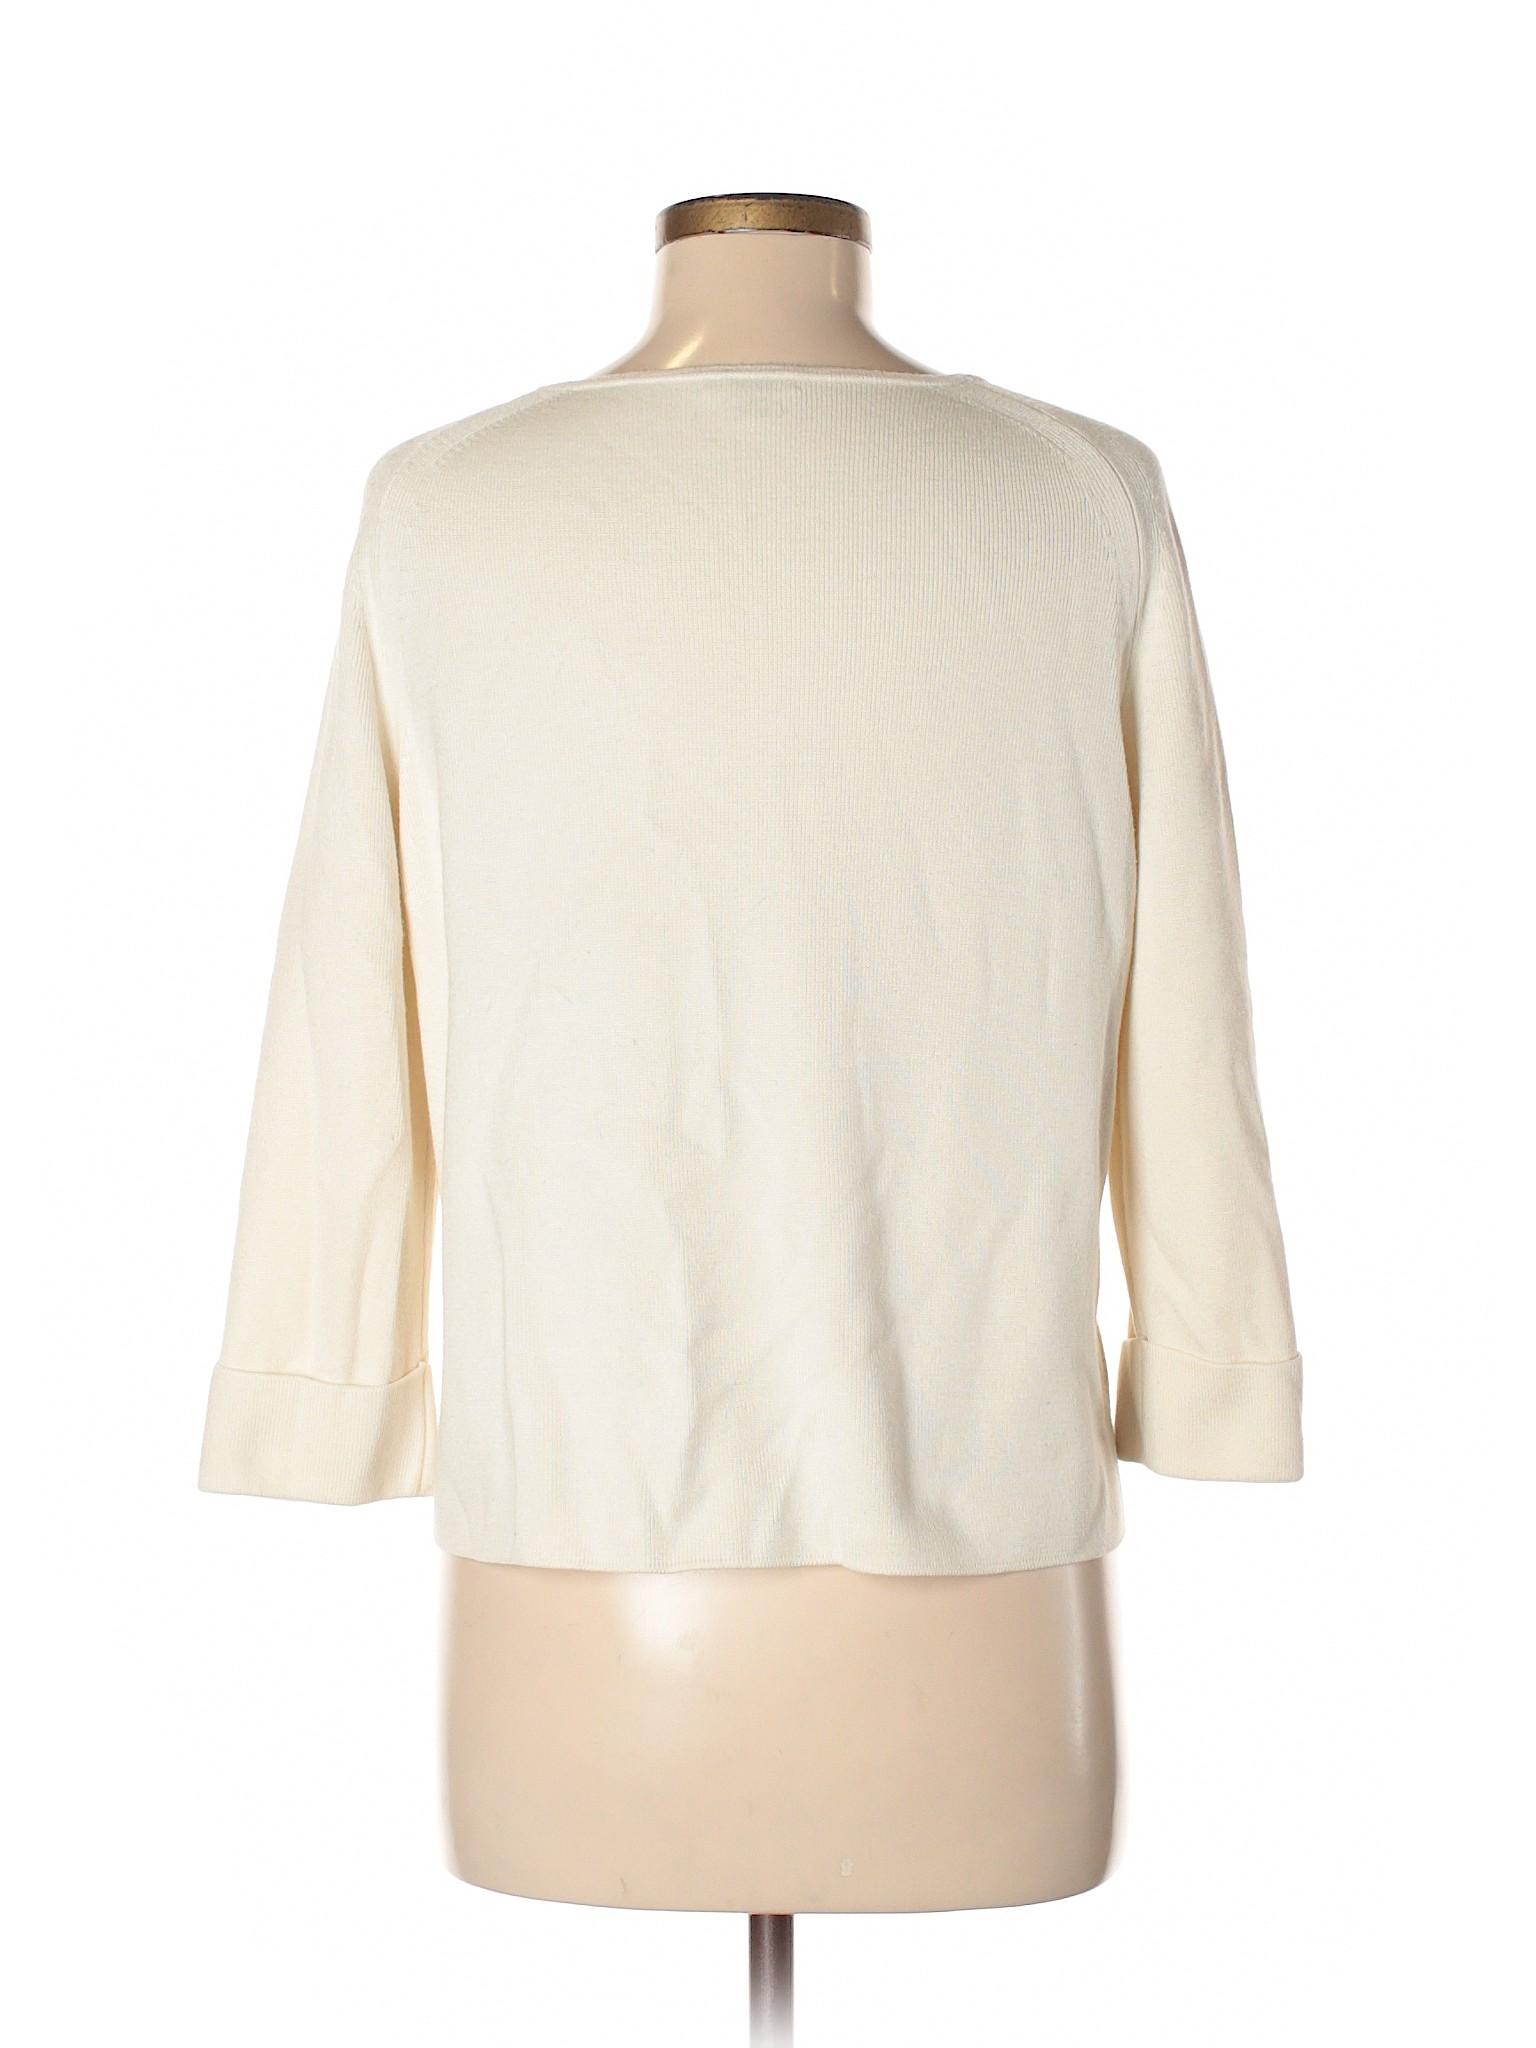 Sweater Ann winter Taylor Pullover Boutique Ov5Iaqxq